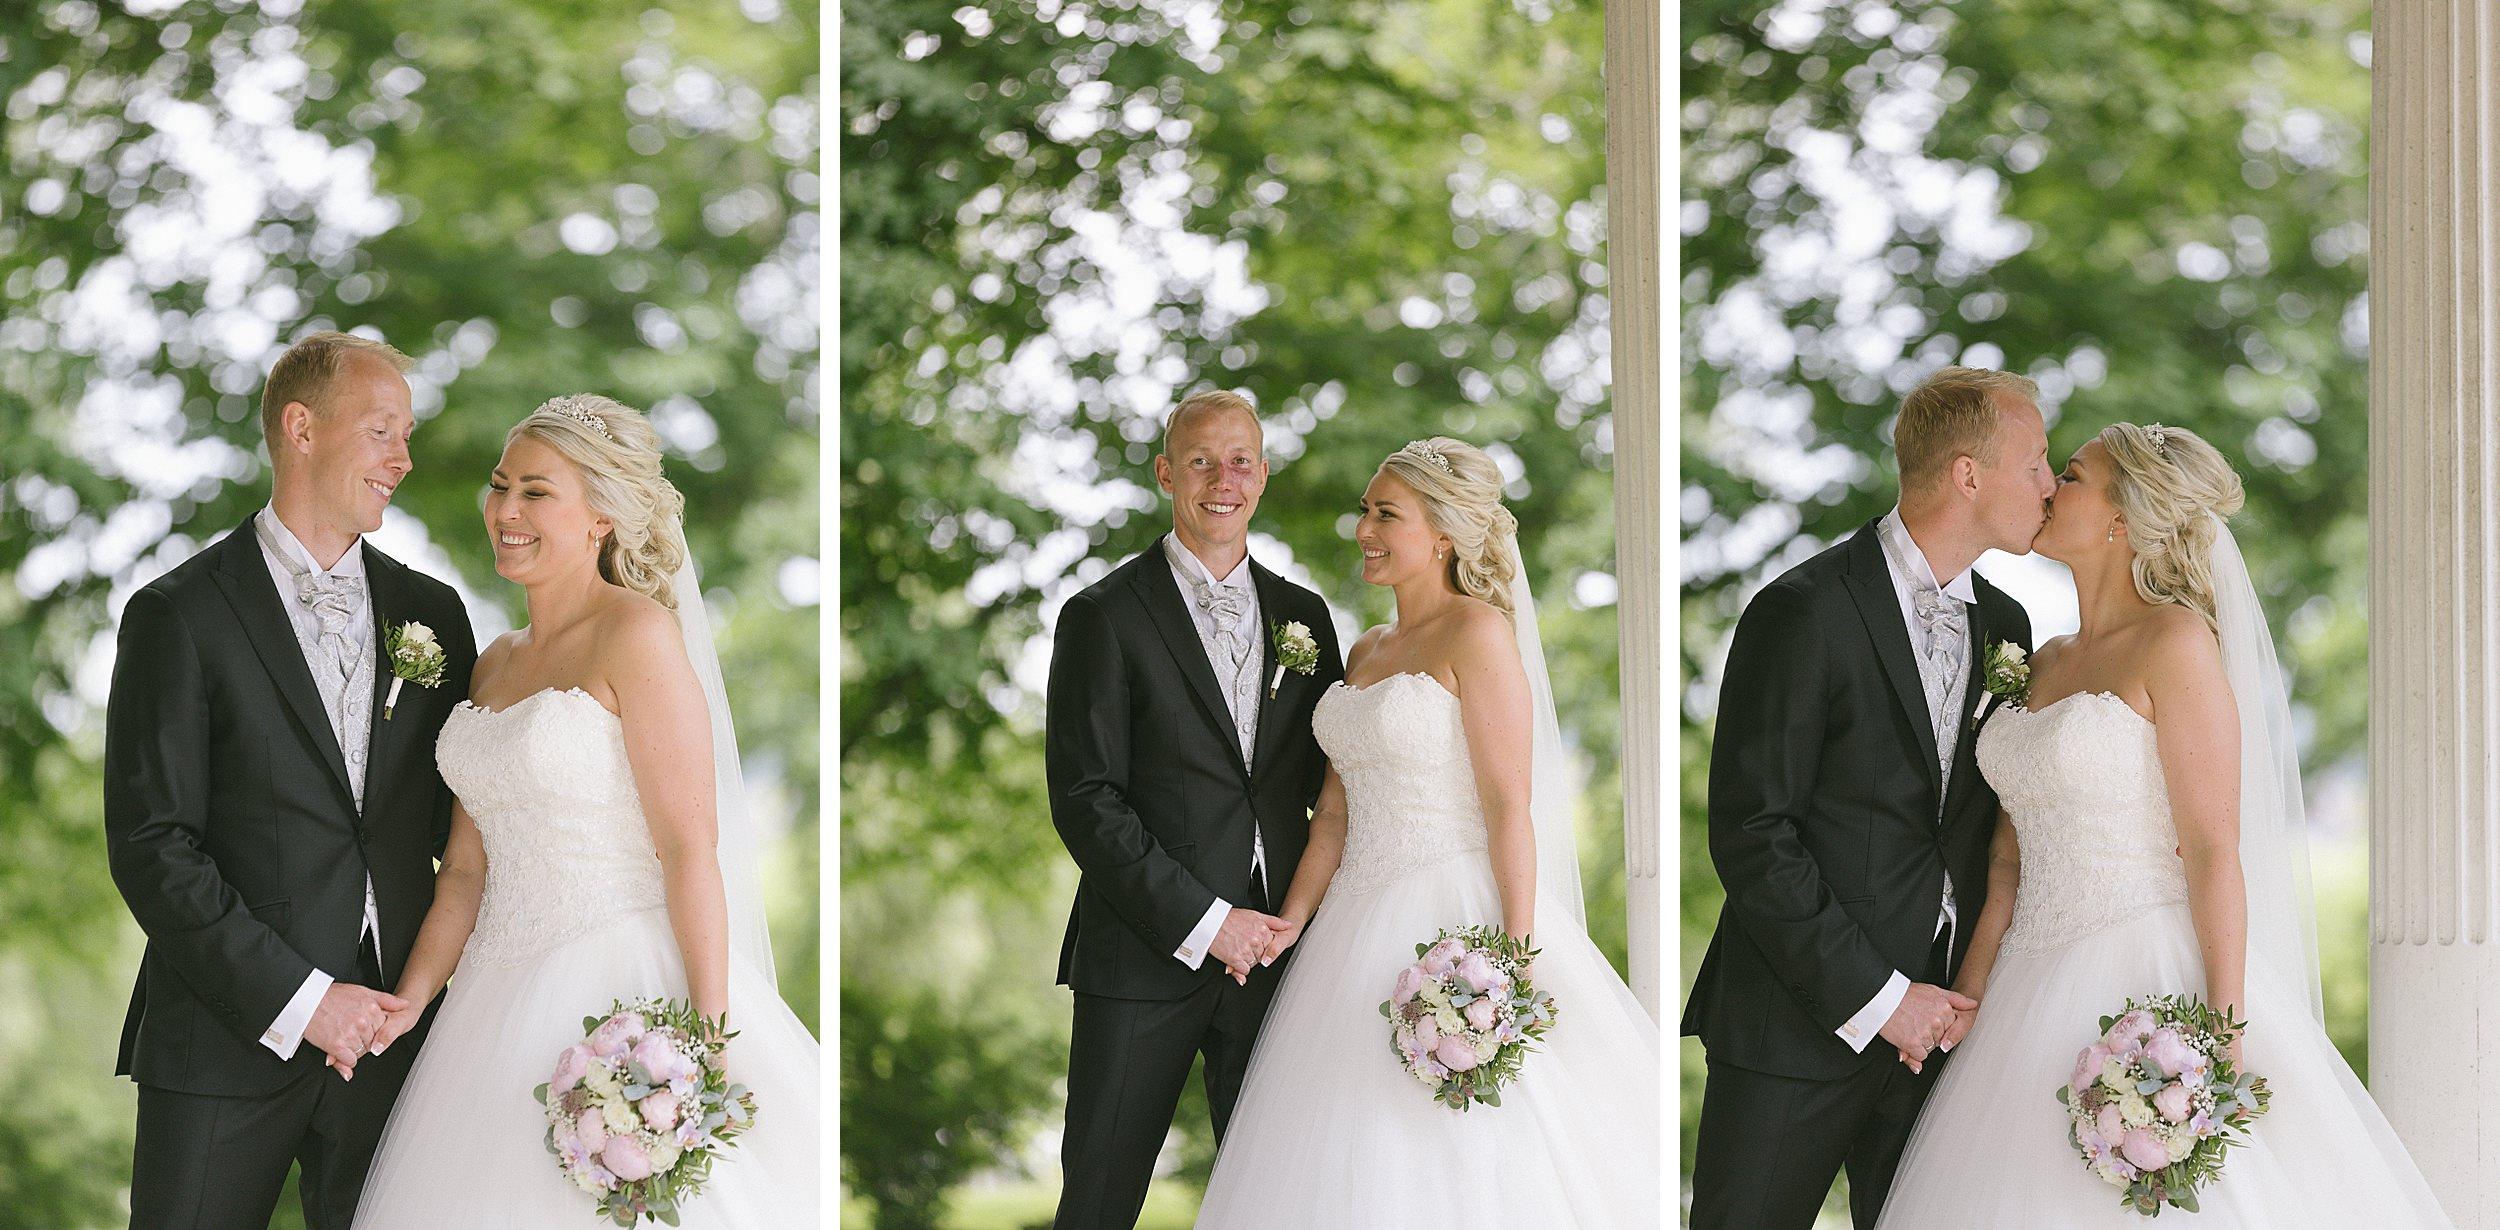 Heldags-bryllupsfoto-june-thomas_0031.jpg